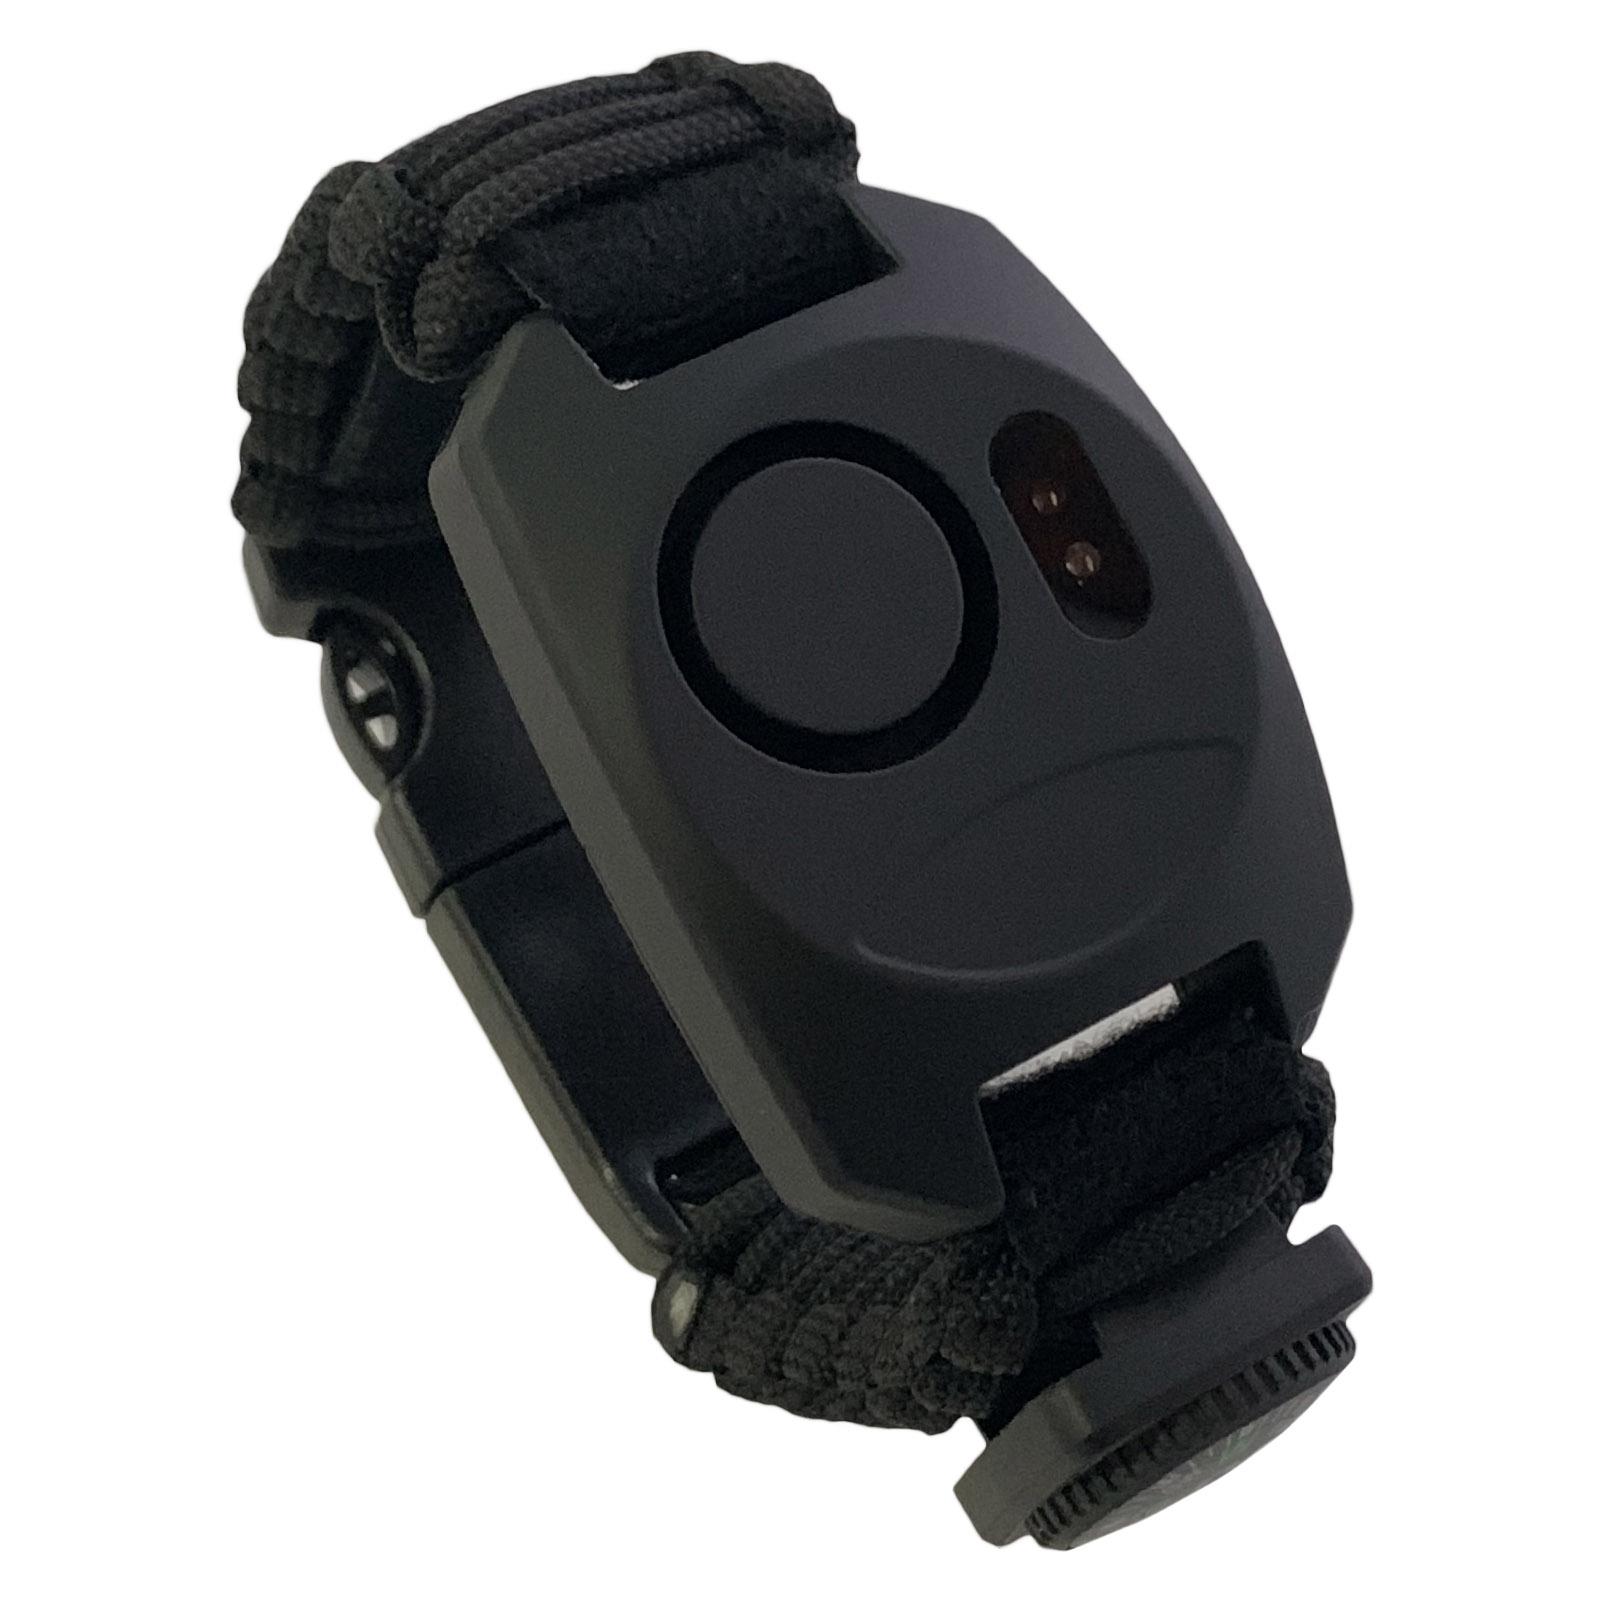 Черный браслет тактического назначения из паракордового шнура для активного отдыха